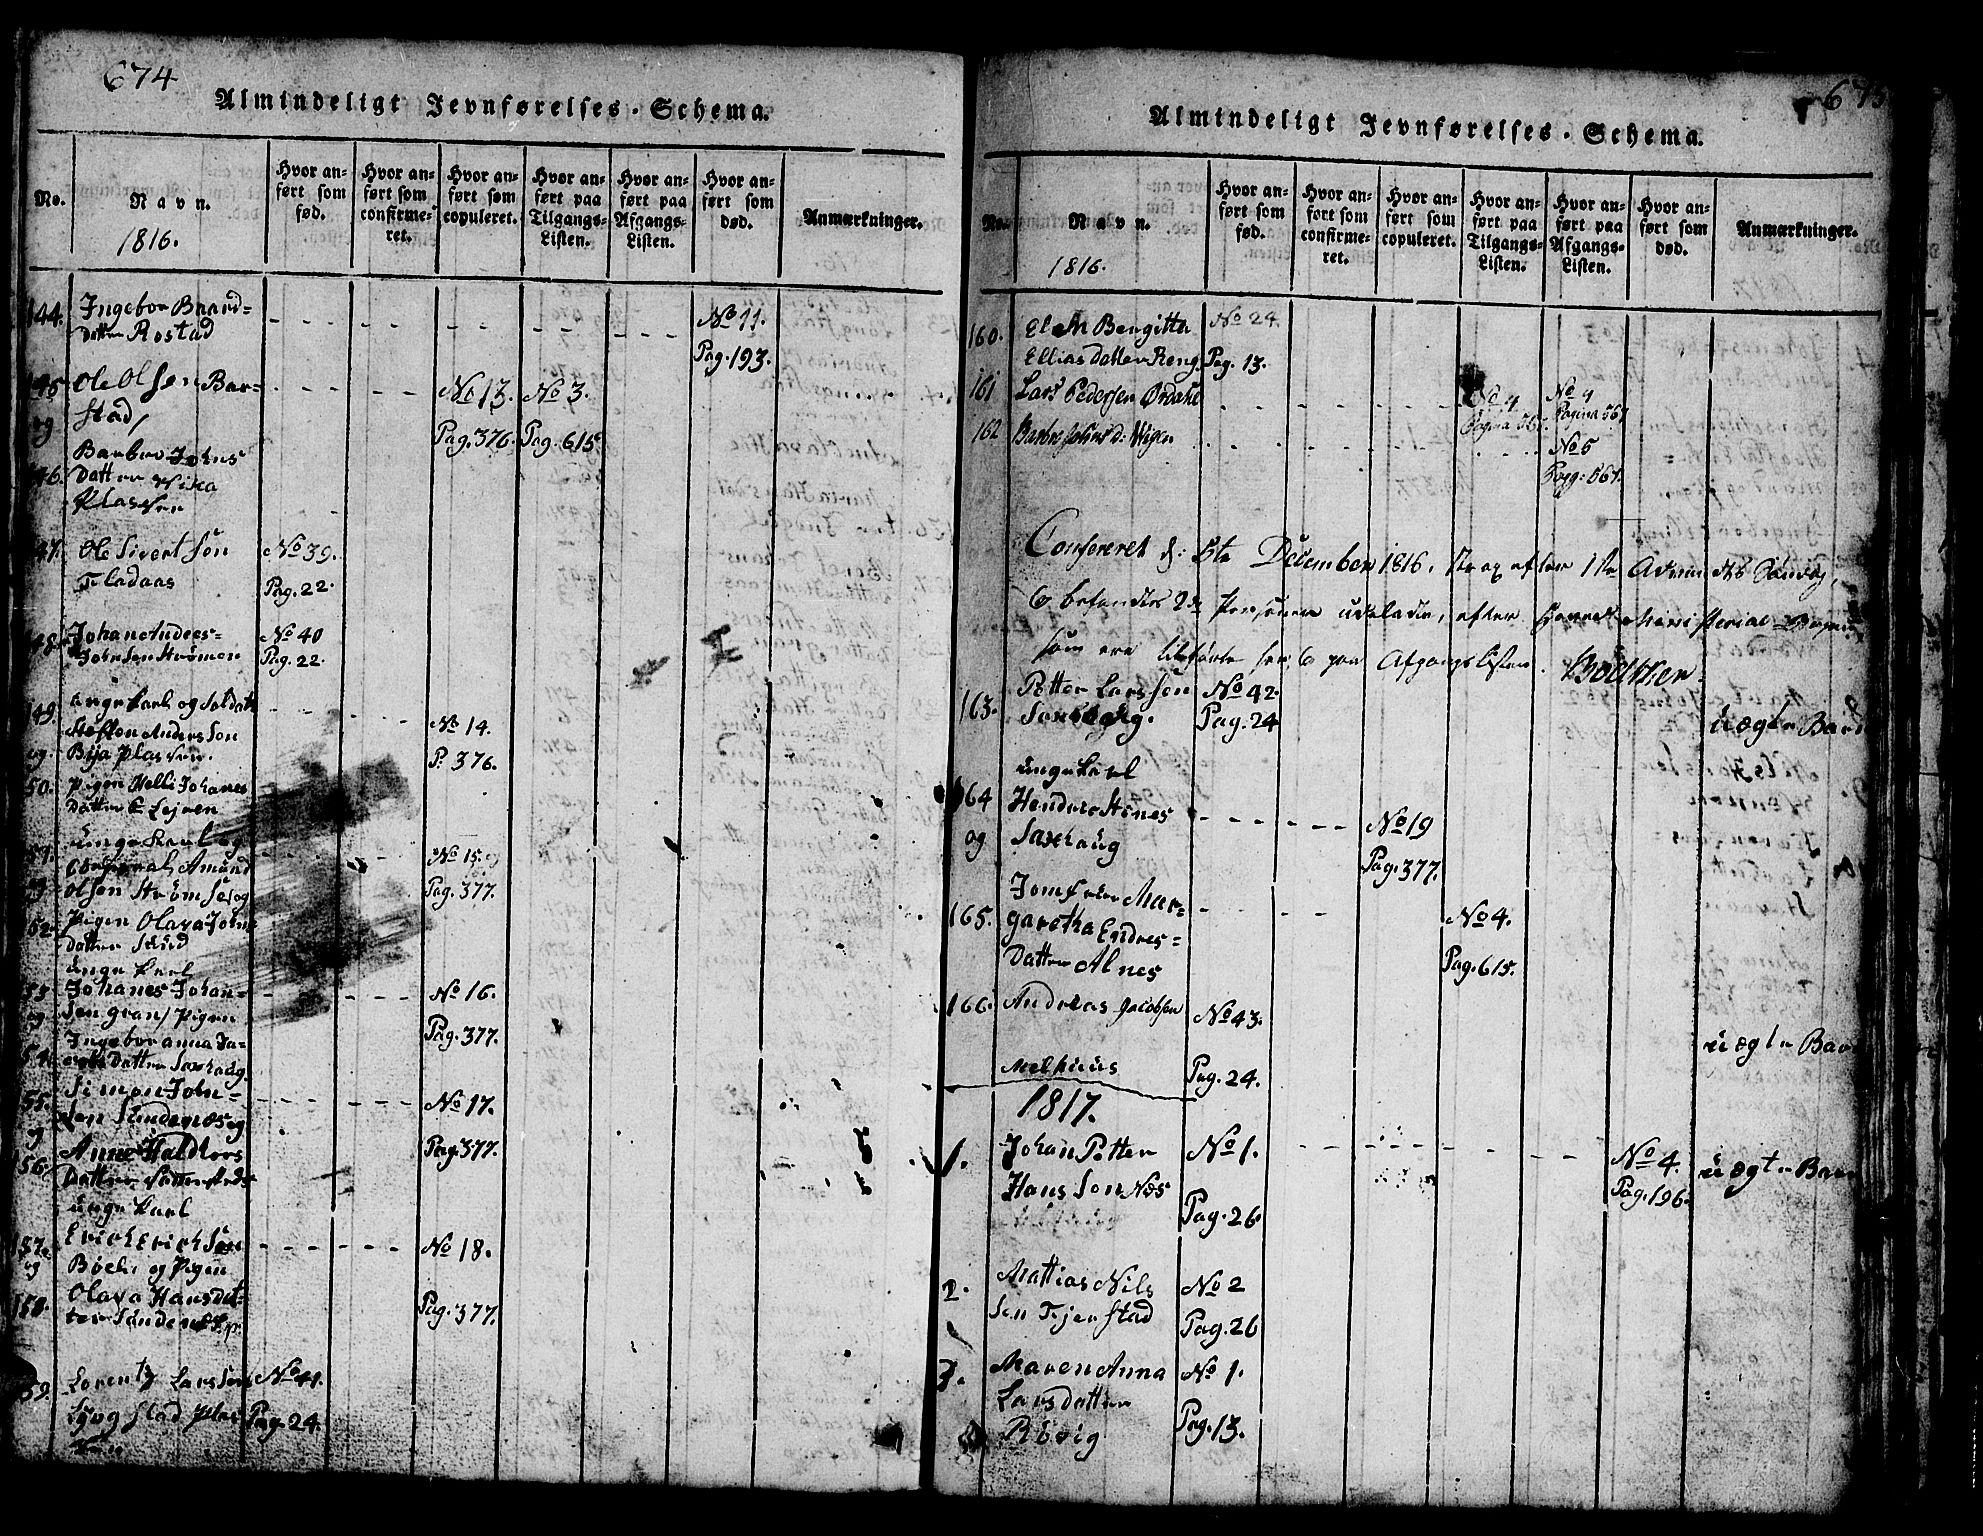 SAT, Ministerialprotokoller, klokkerbøker og fødselsregistre - Nord-Trøndelag, 730/L0298: Klokkerbok nr. 730C01, 1816-1849, s. 674-675